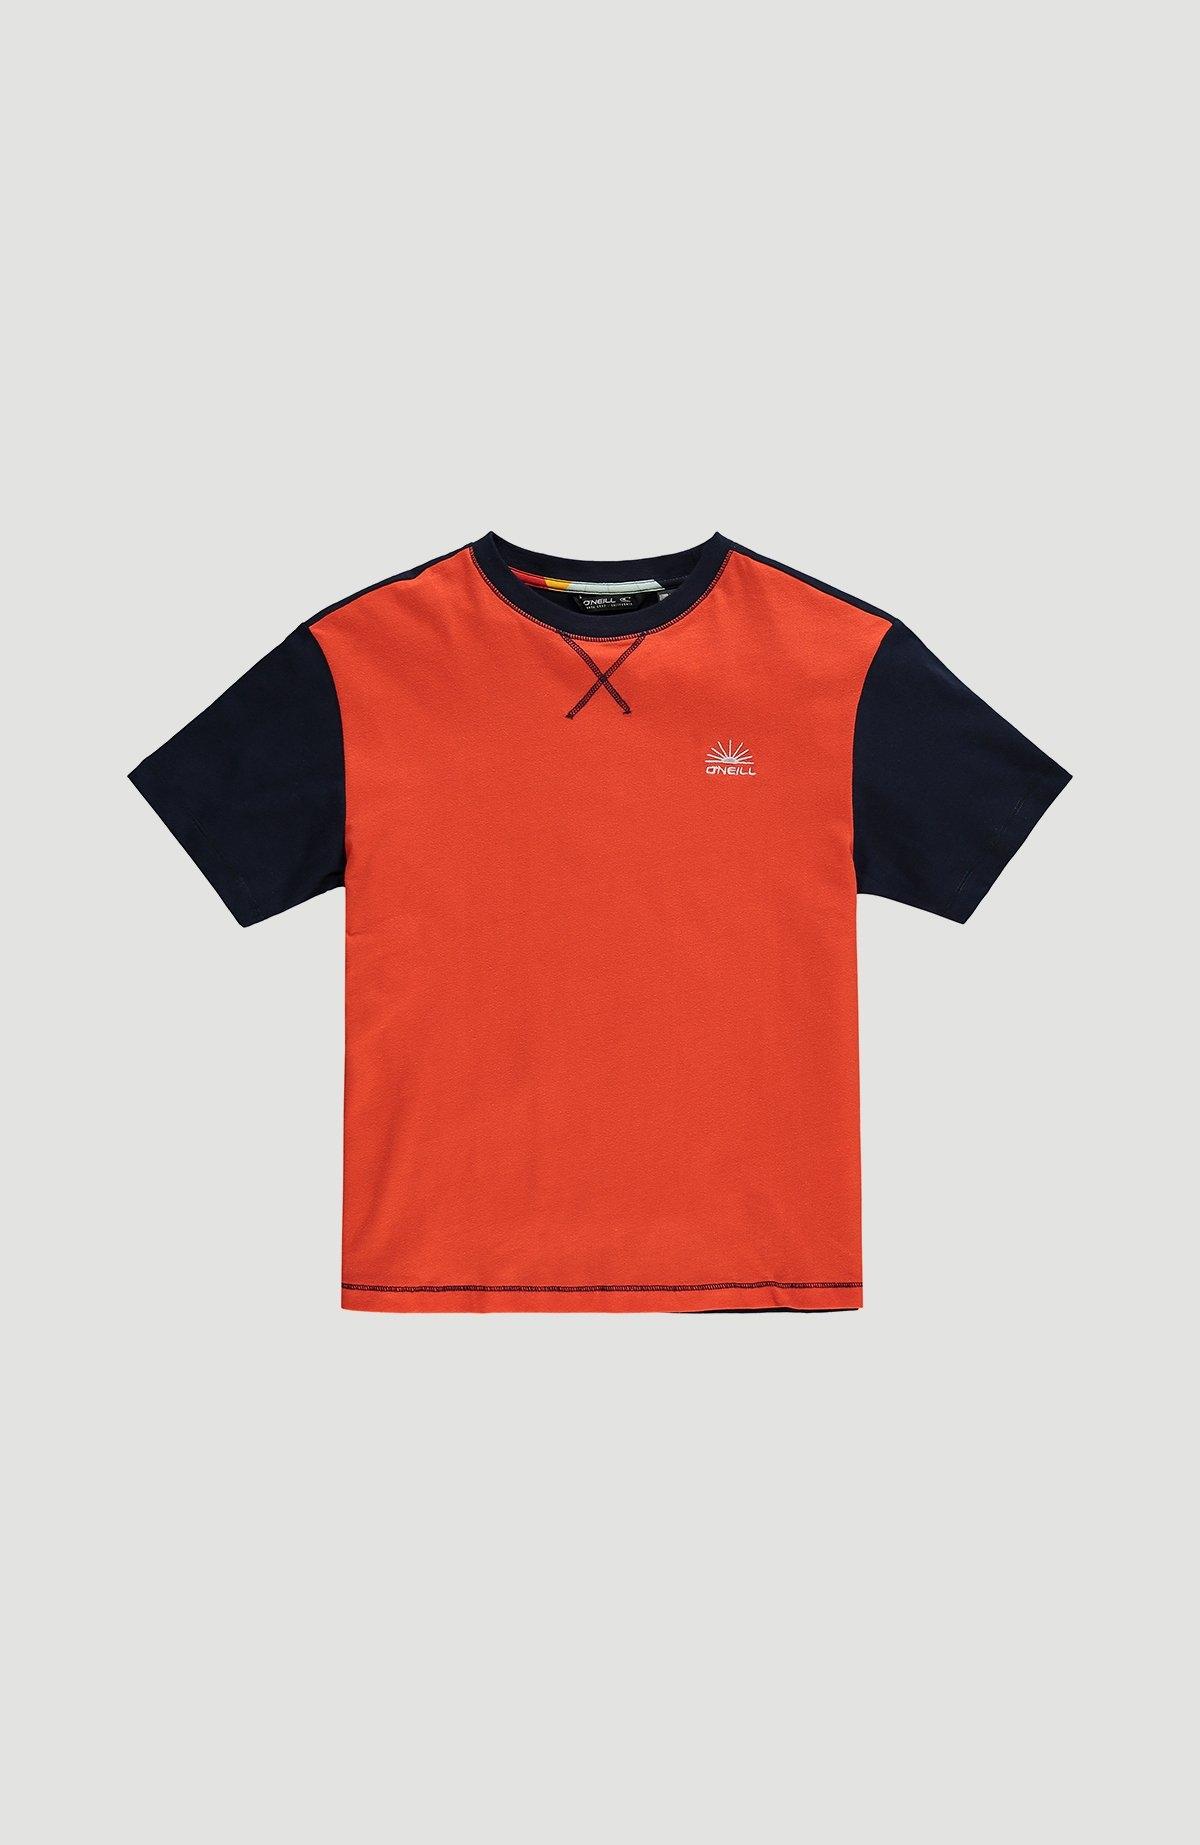 O'Neill t-shirt »Boxy« goedkoop op otto.nl kopen